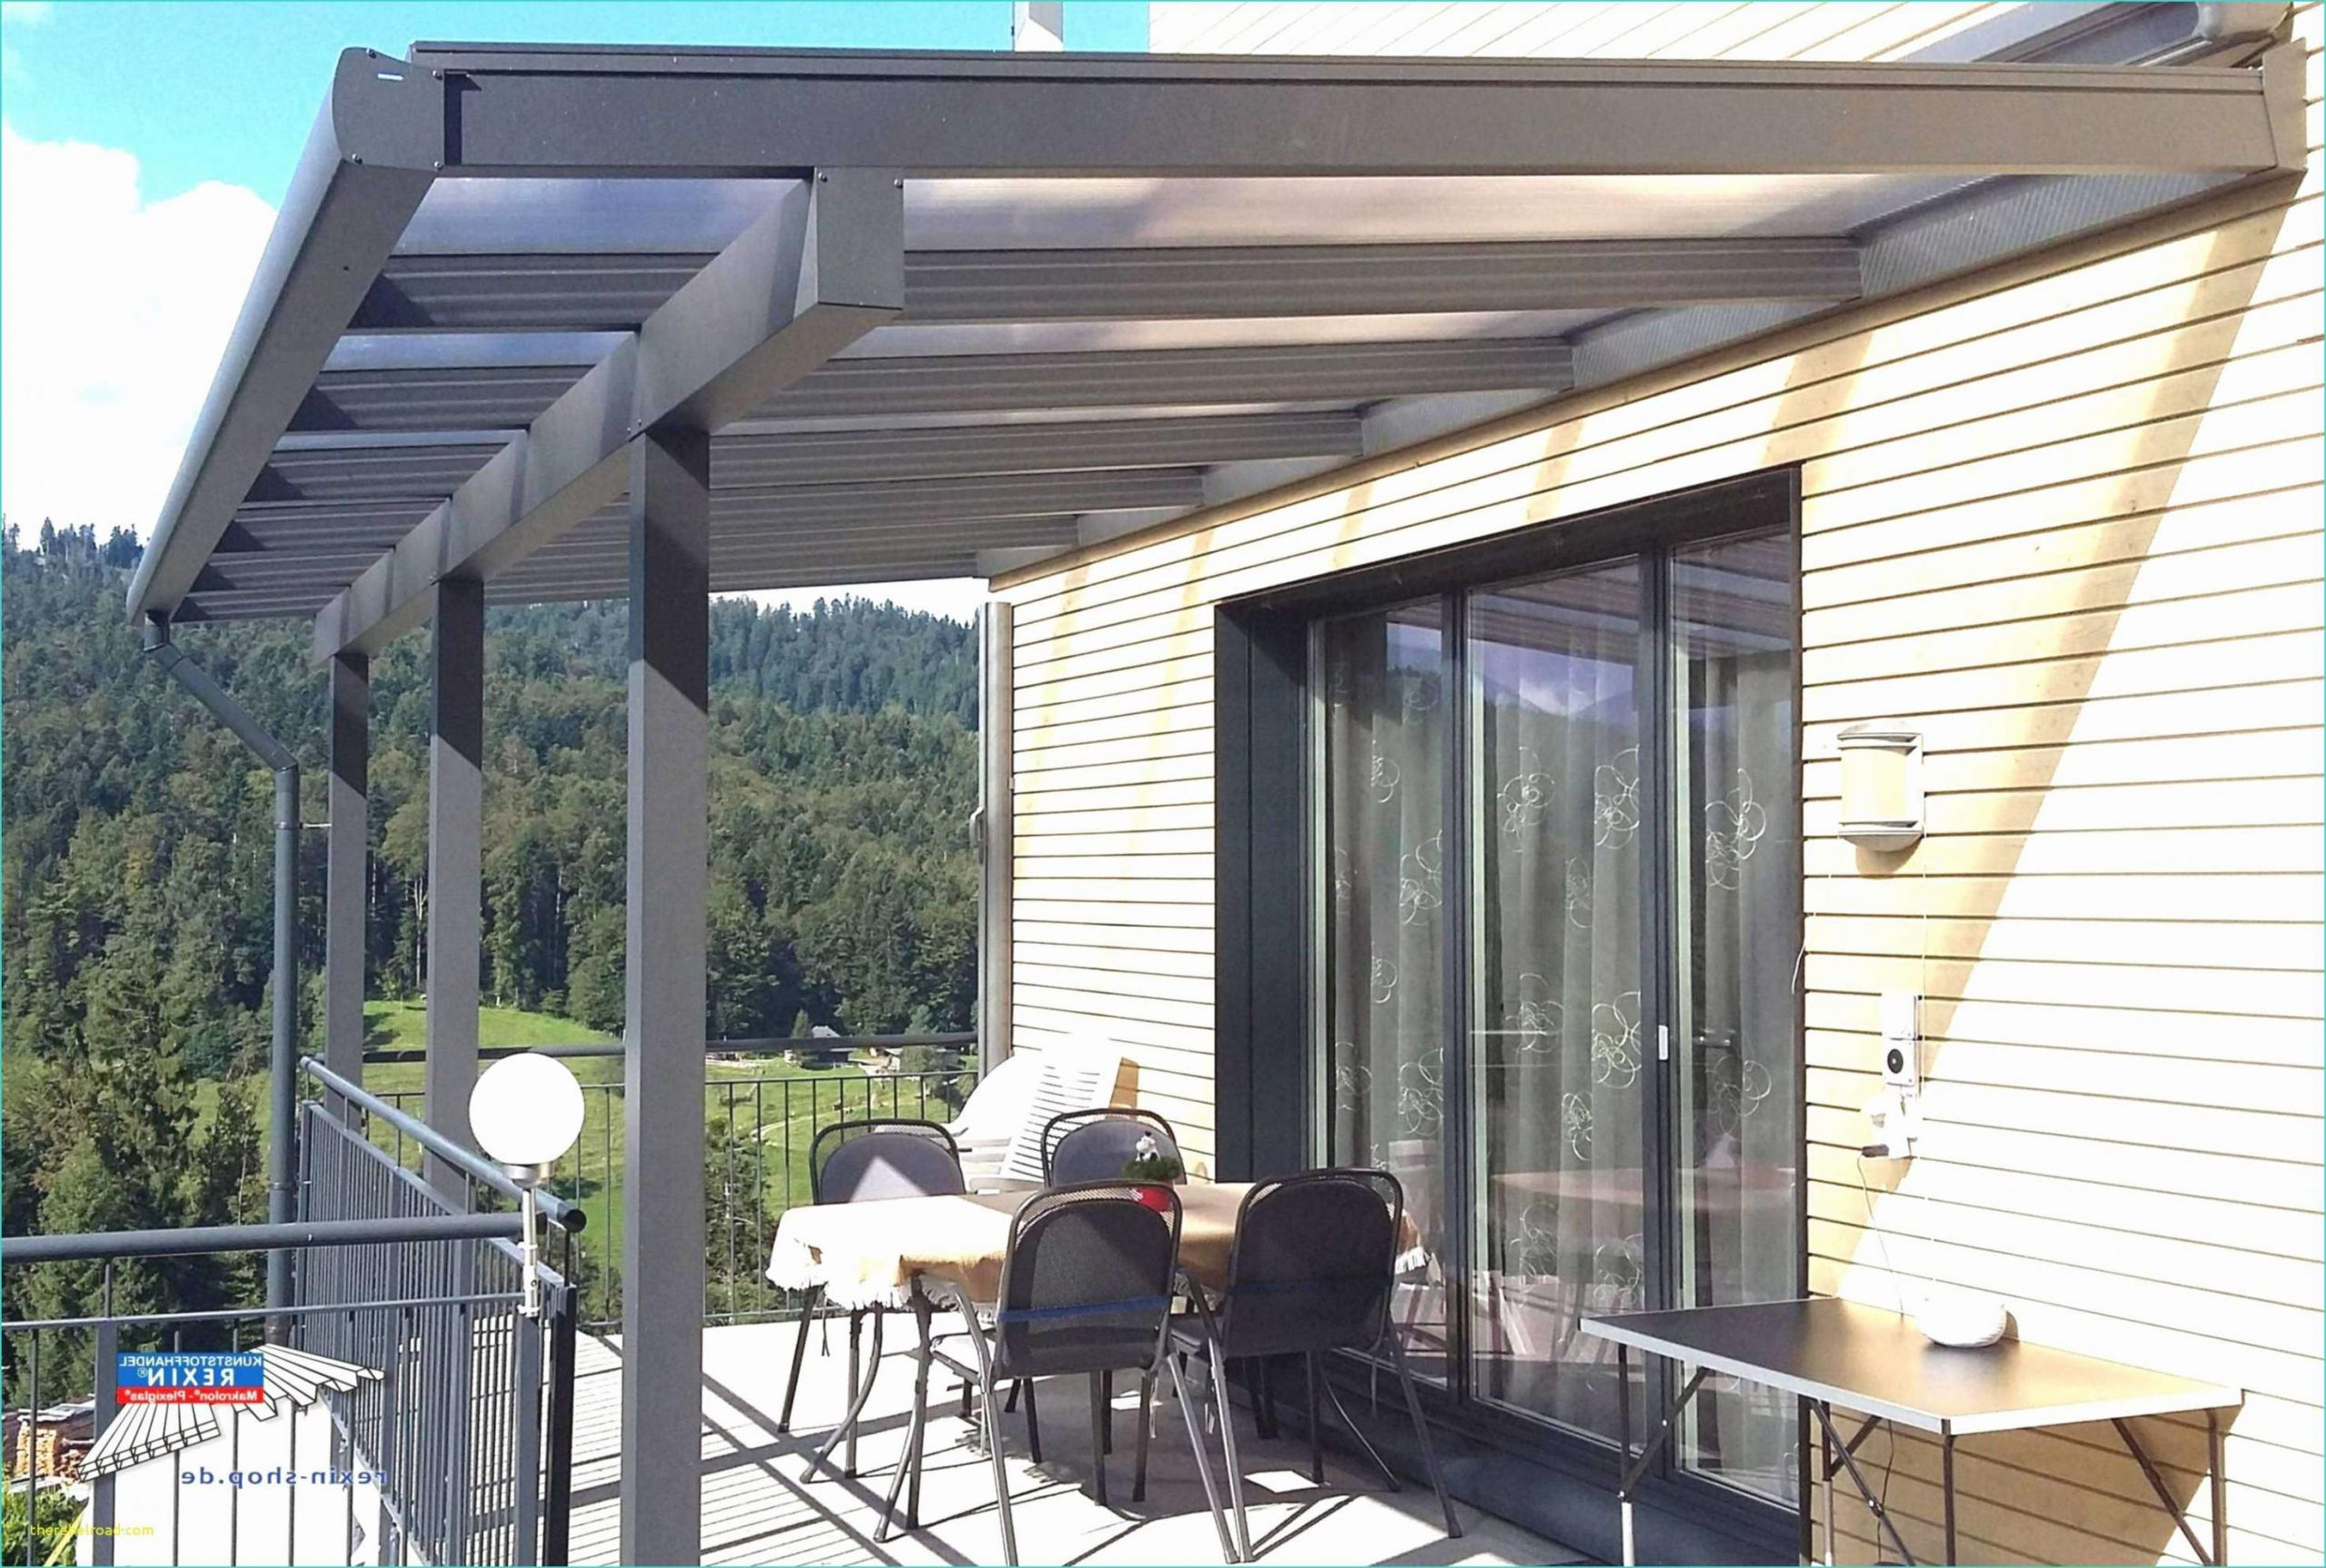 46 luxus garten sonnenschutz foto sonnenschutz im garten sonnenschutz im garten